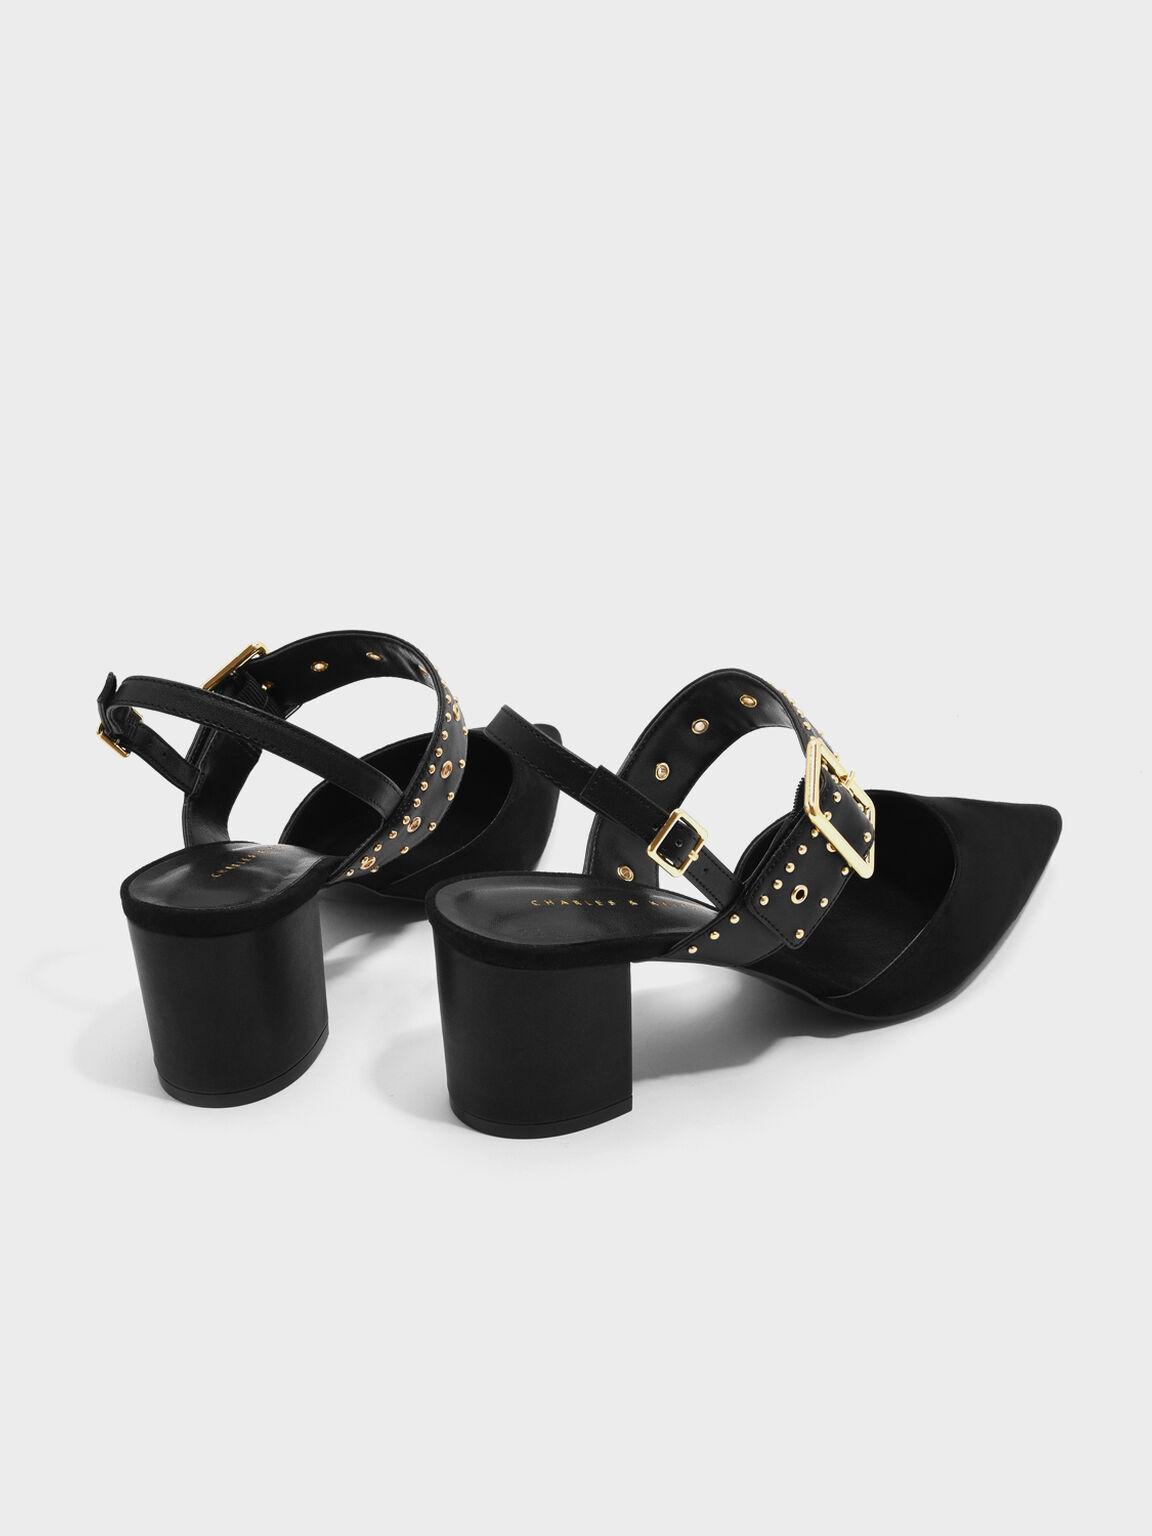 Studded Pointed Slingbacks, Black, hi-res